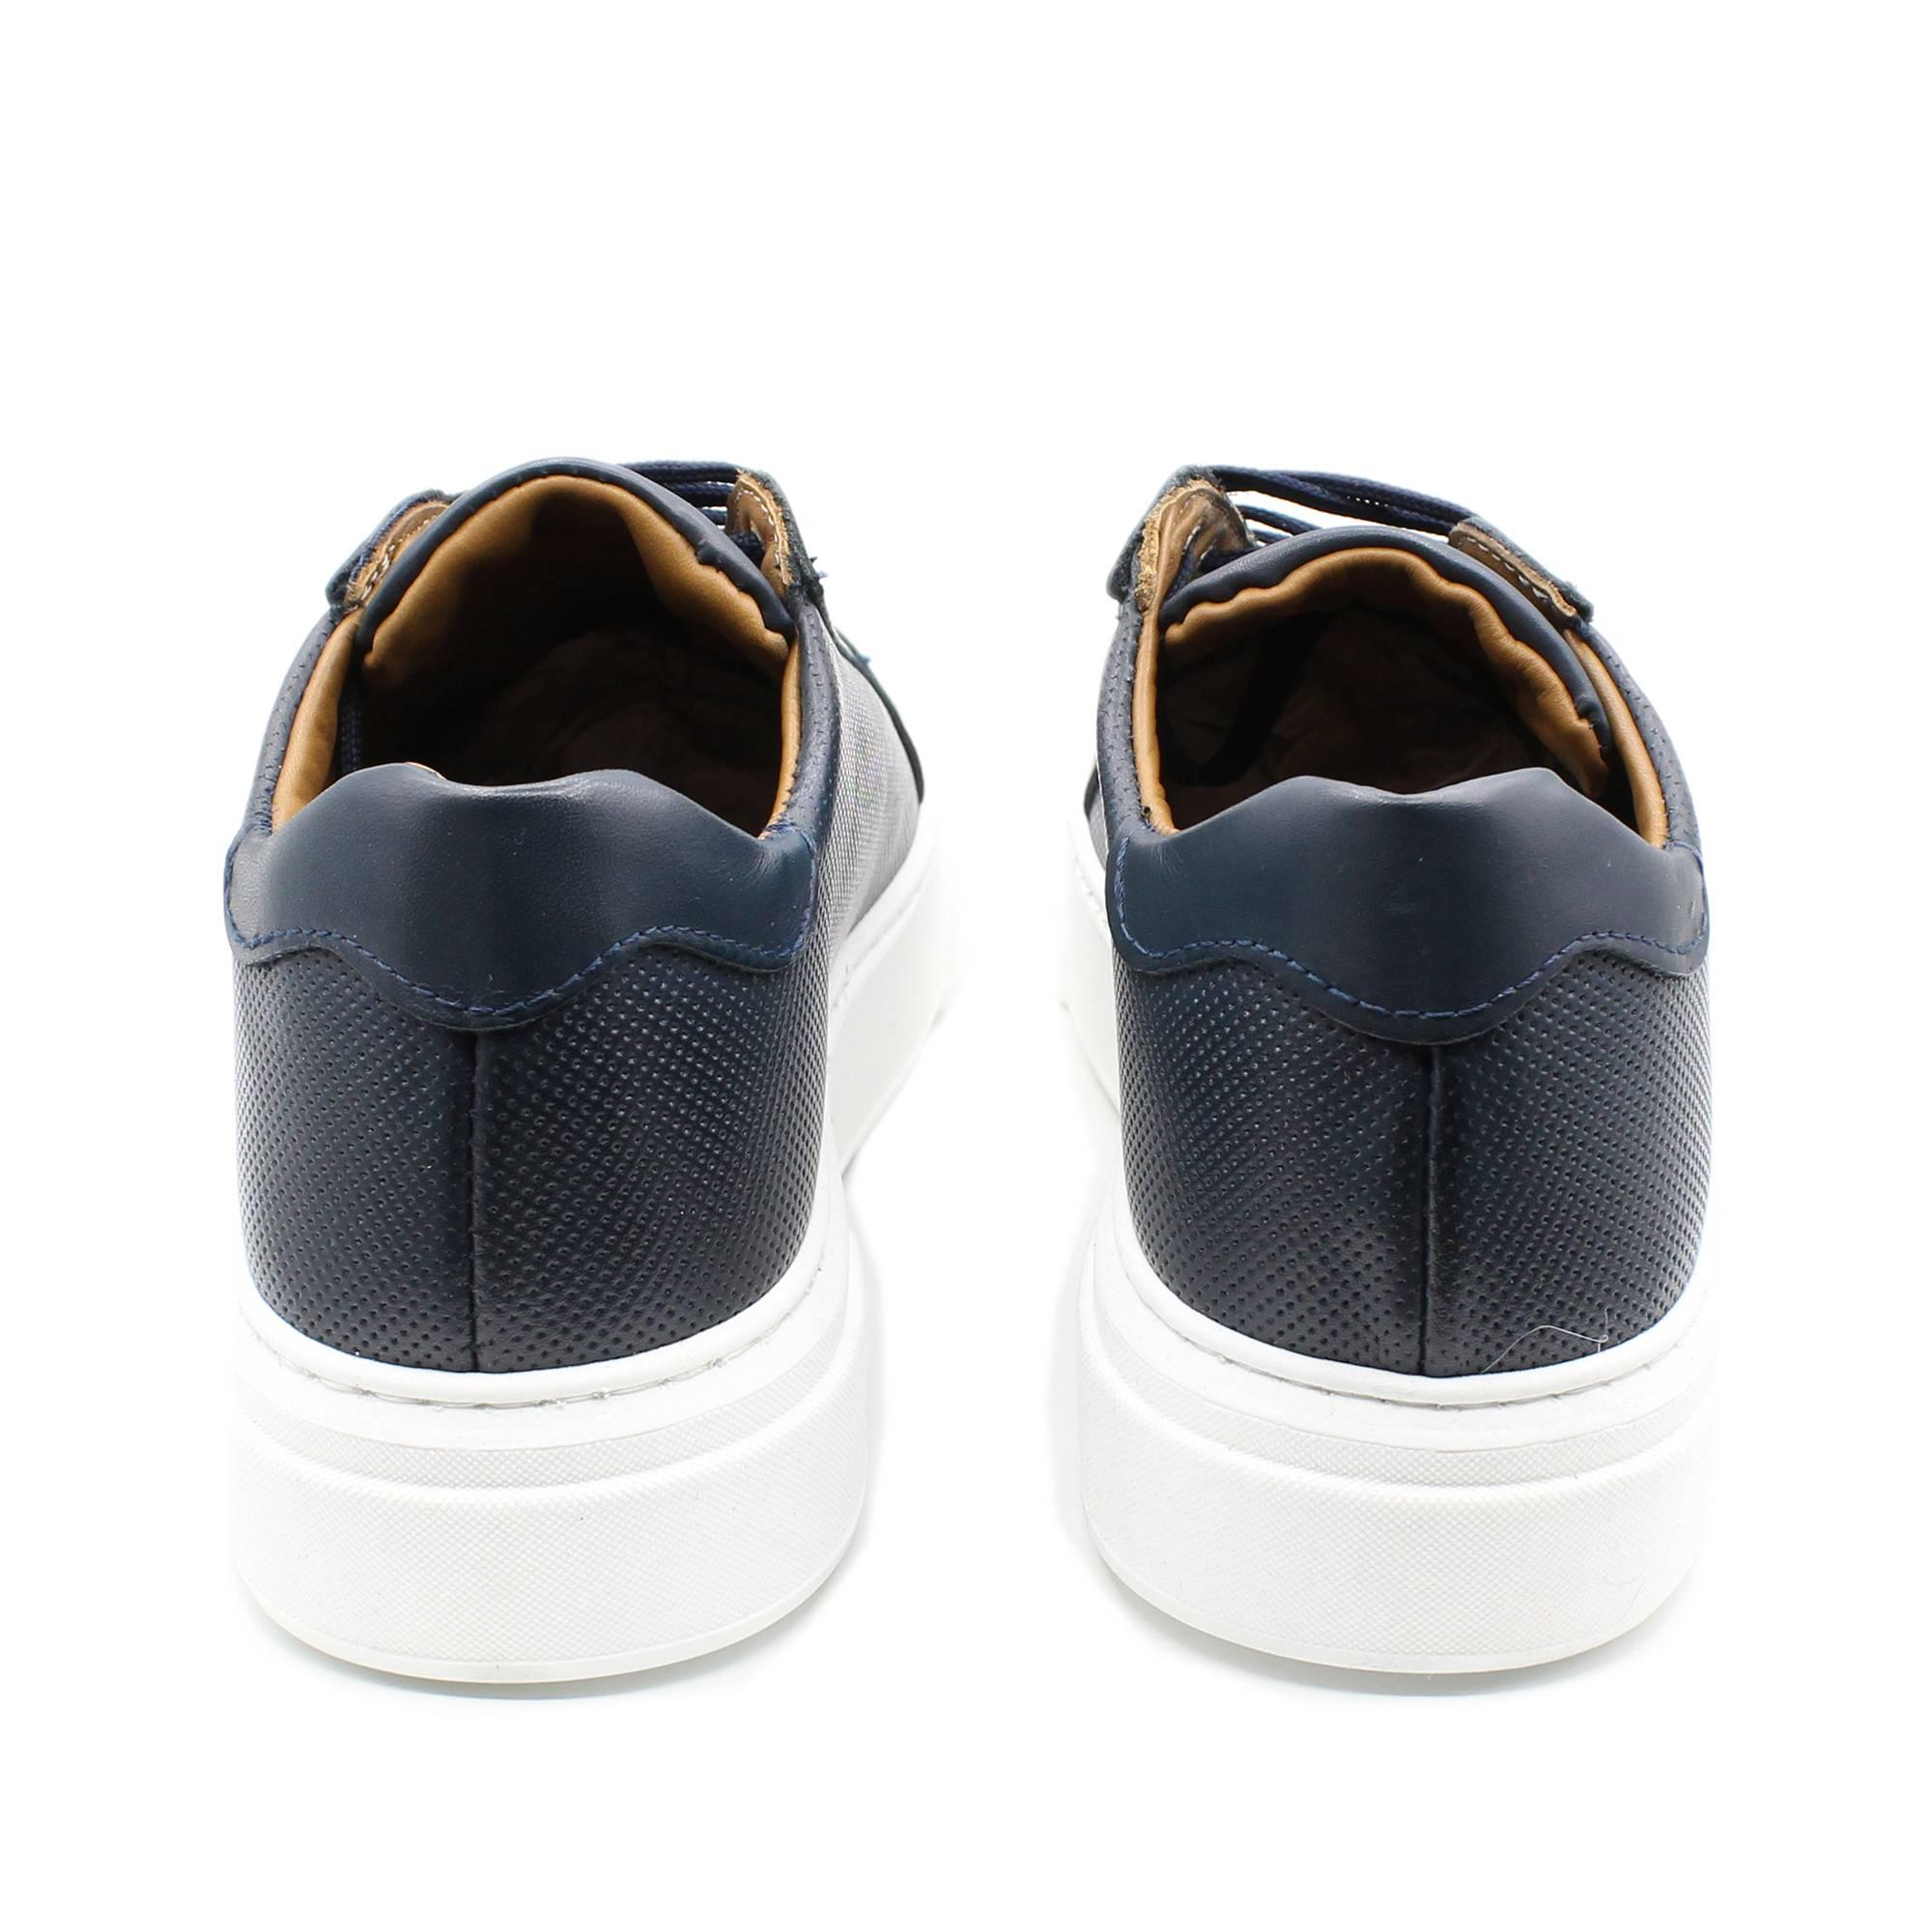 miniatura 5 - Sneakers-Uomo-in-Pelle-Basse-Nere-Blu-Scarpe-da-Ginnastica-Sportive-Eleganti